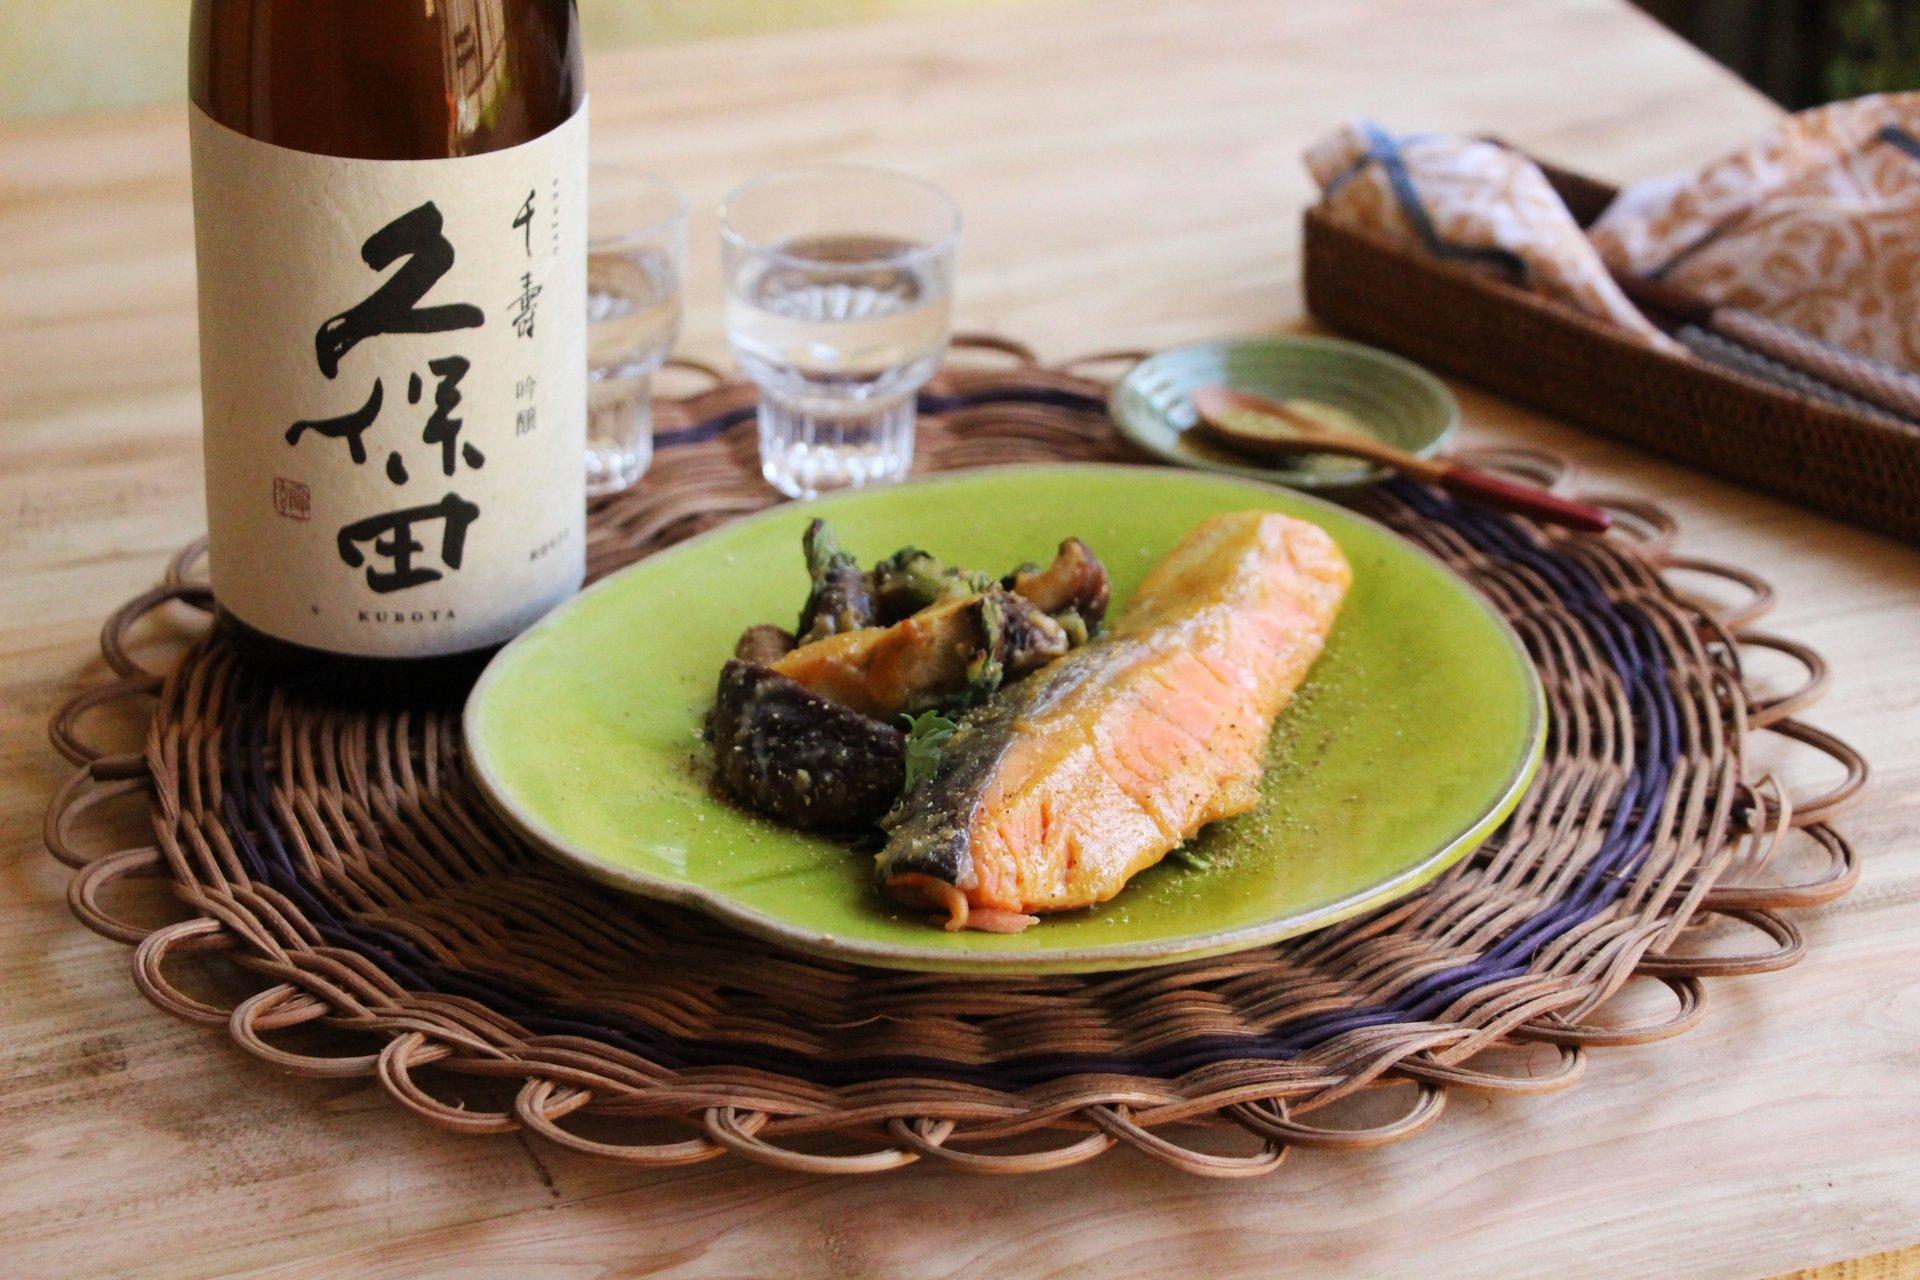 日本酒をもっと楽しむおつまみレシピ 秋鮭としいたけの山椒味噌焼き